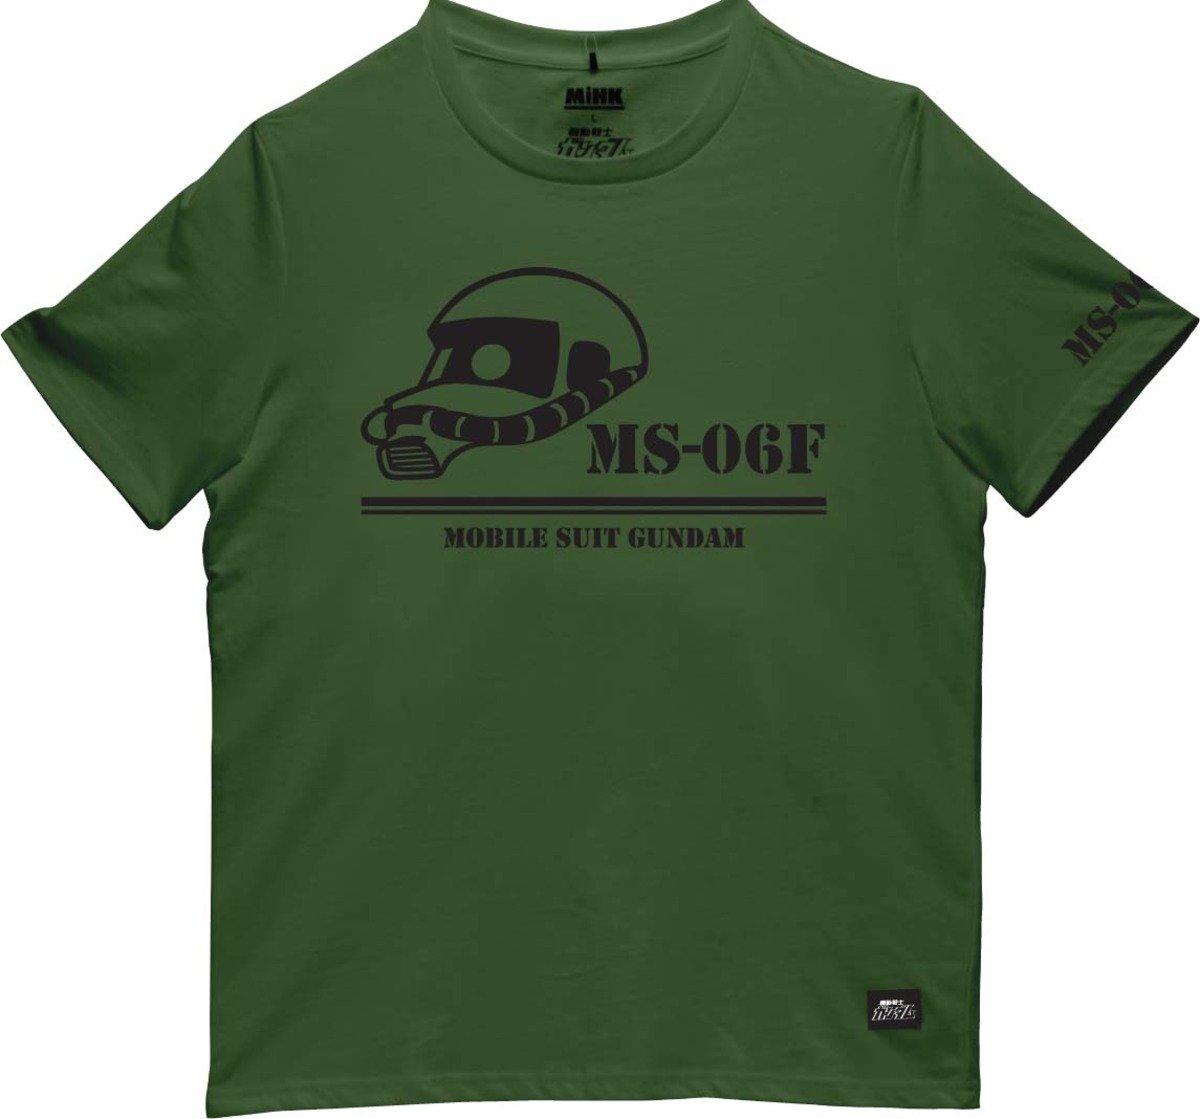 機動戰士(高達)綠色圓領短袖T恤-03